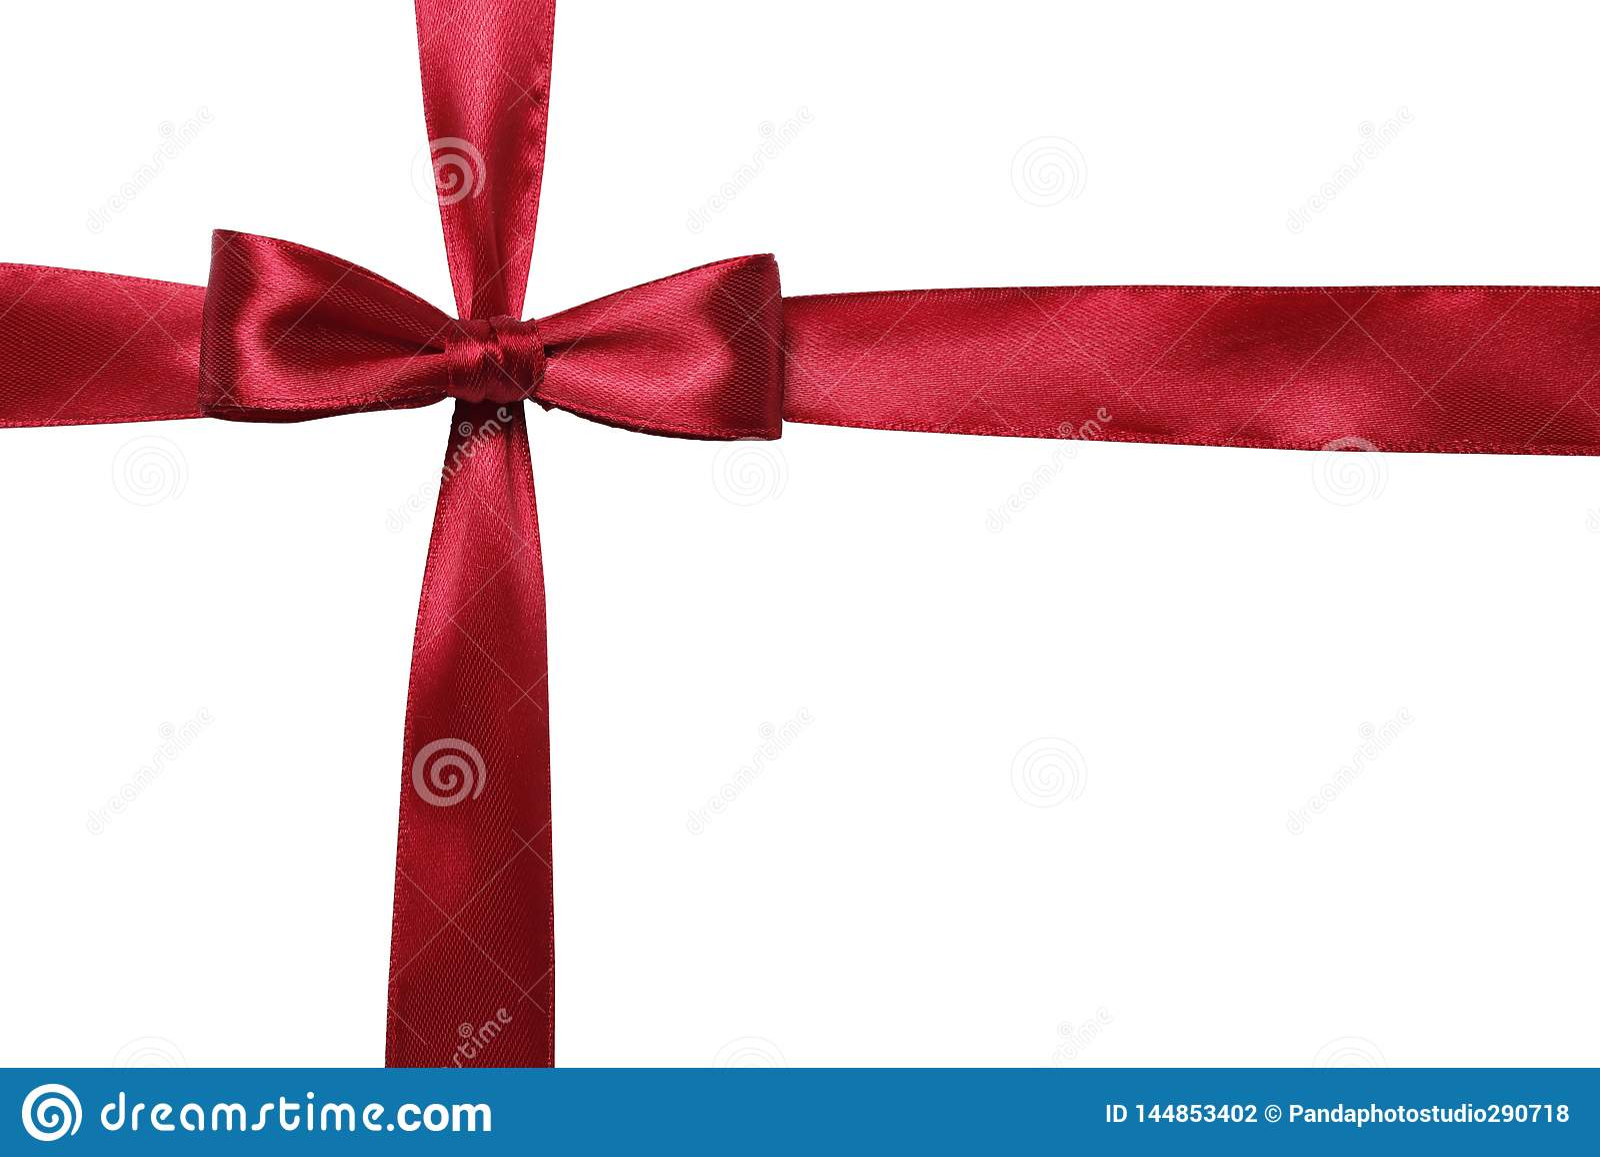 Красный смычок и лента изолированные на белой предпосылке